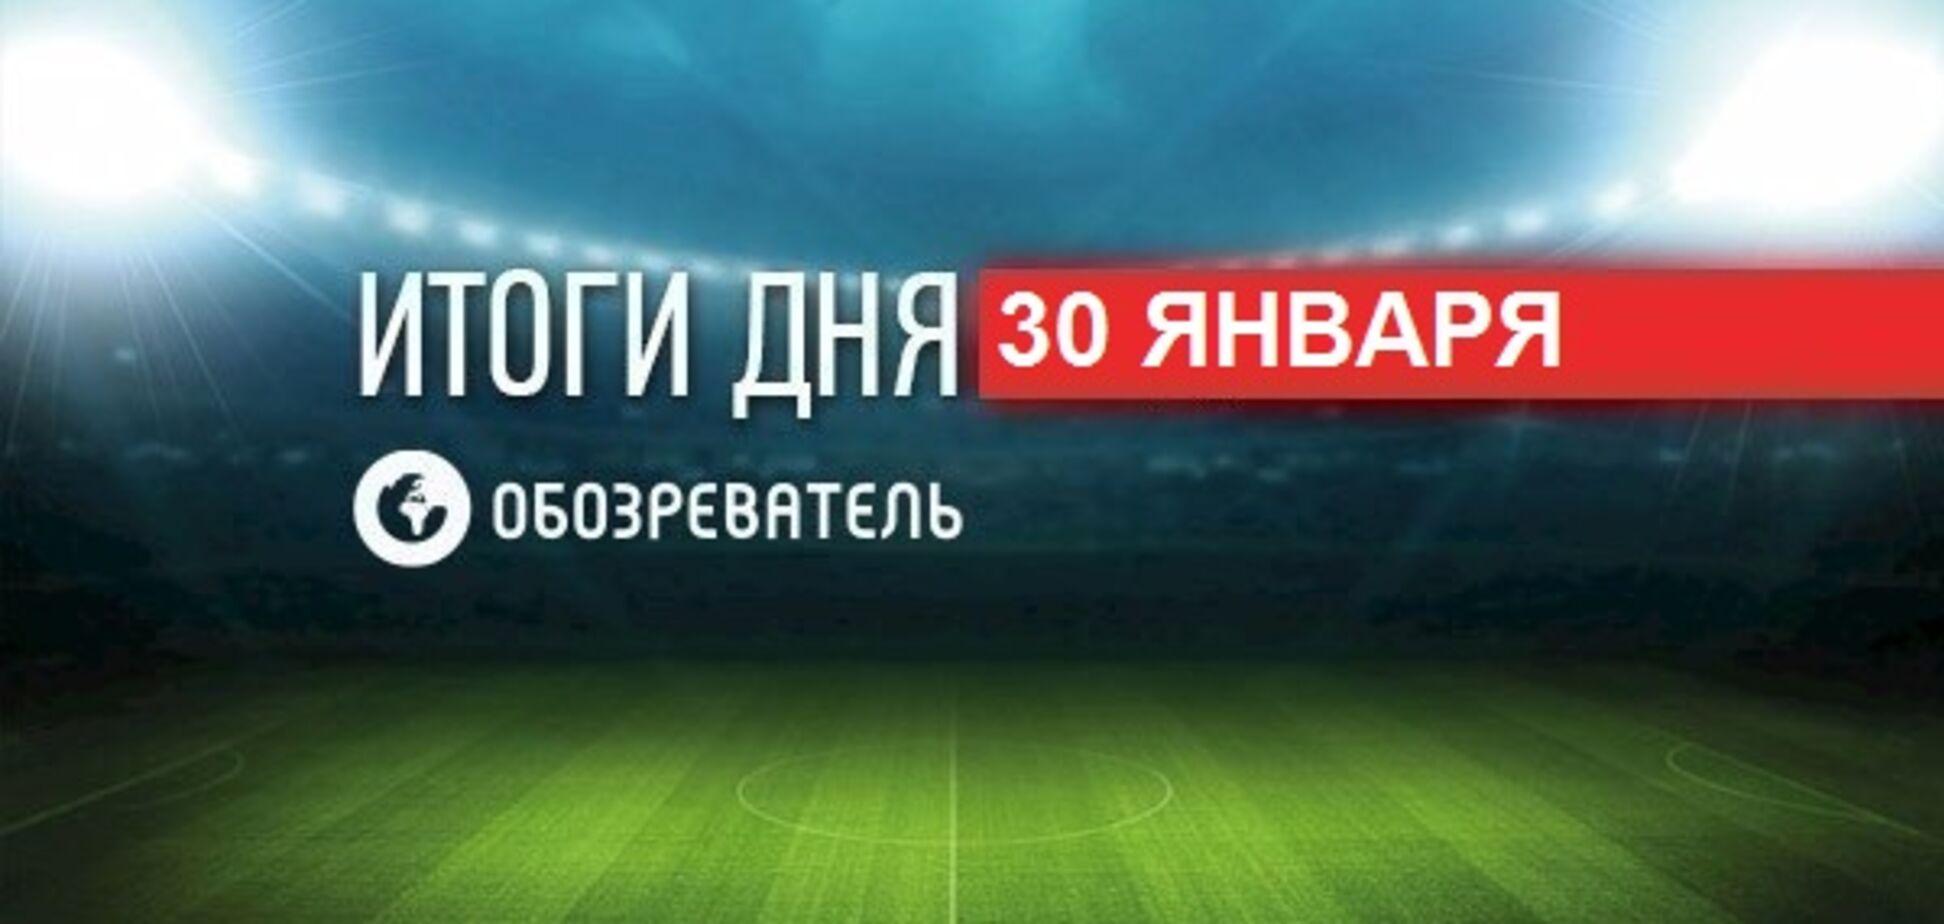 Російський чемпіон засумнівався у силі Усика: спортивні підсумки 30 січня